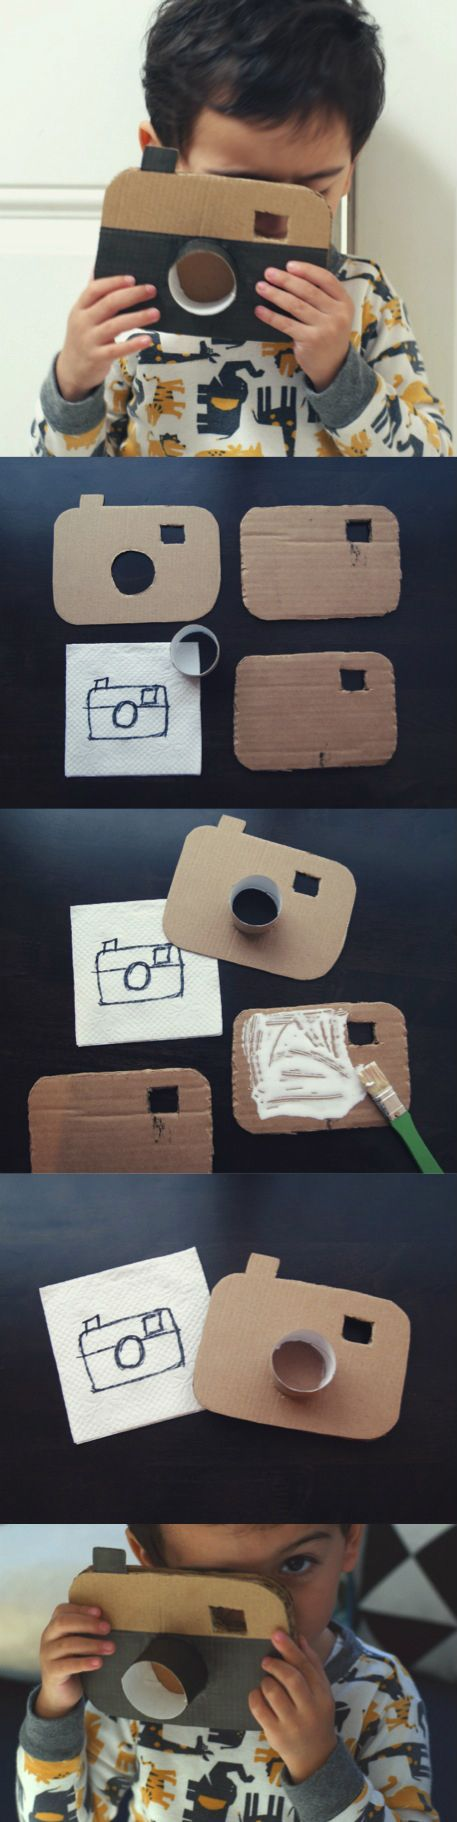 Un appareil photo simple à réaliser pour photographe en herbe / Jouet / Enfant / Tuto / DIY